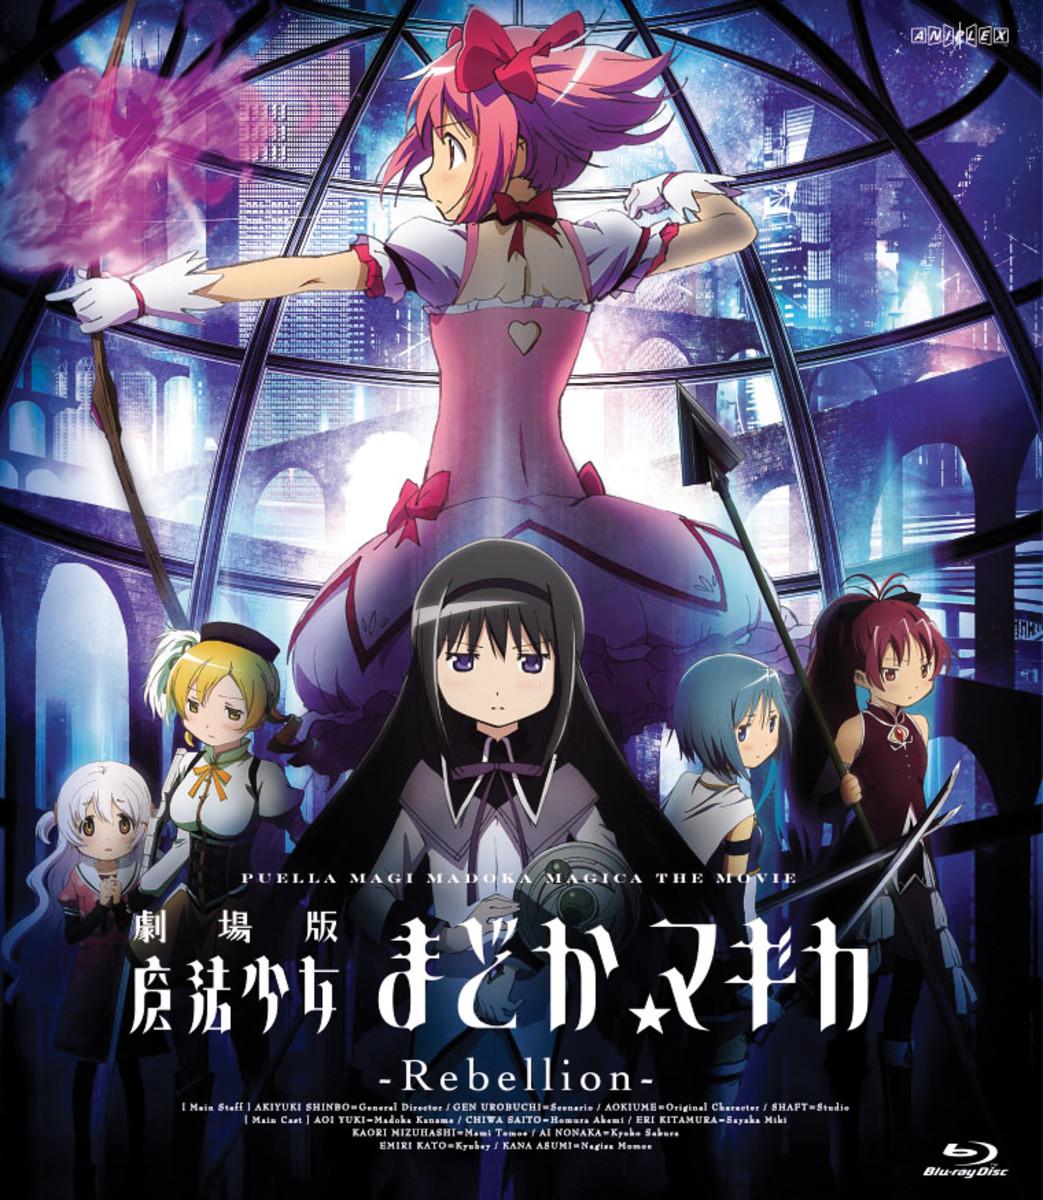 Region A U.S. Blu-Ray cover.